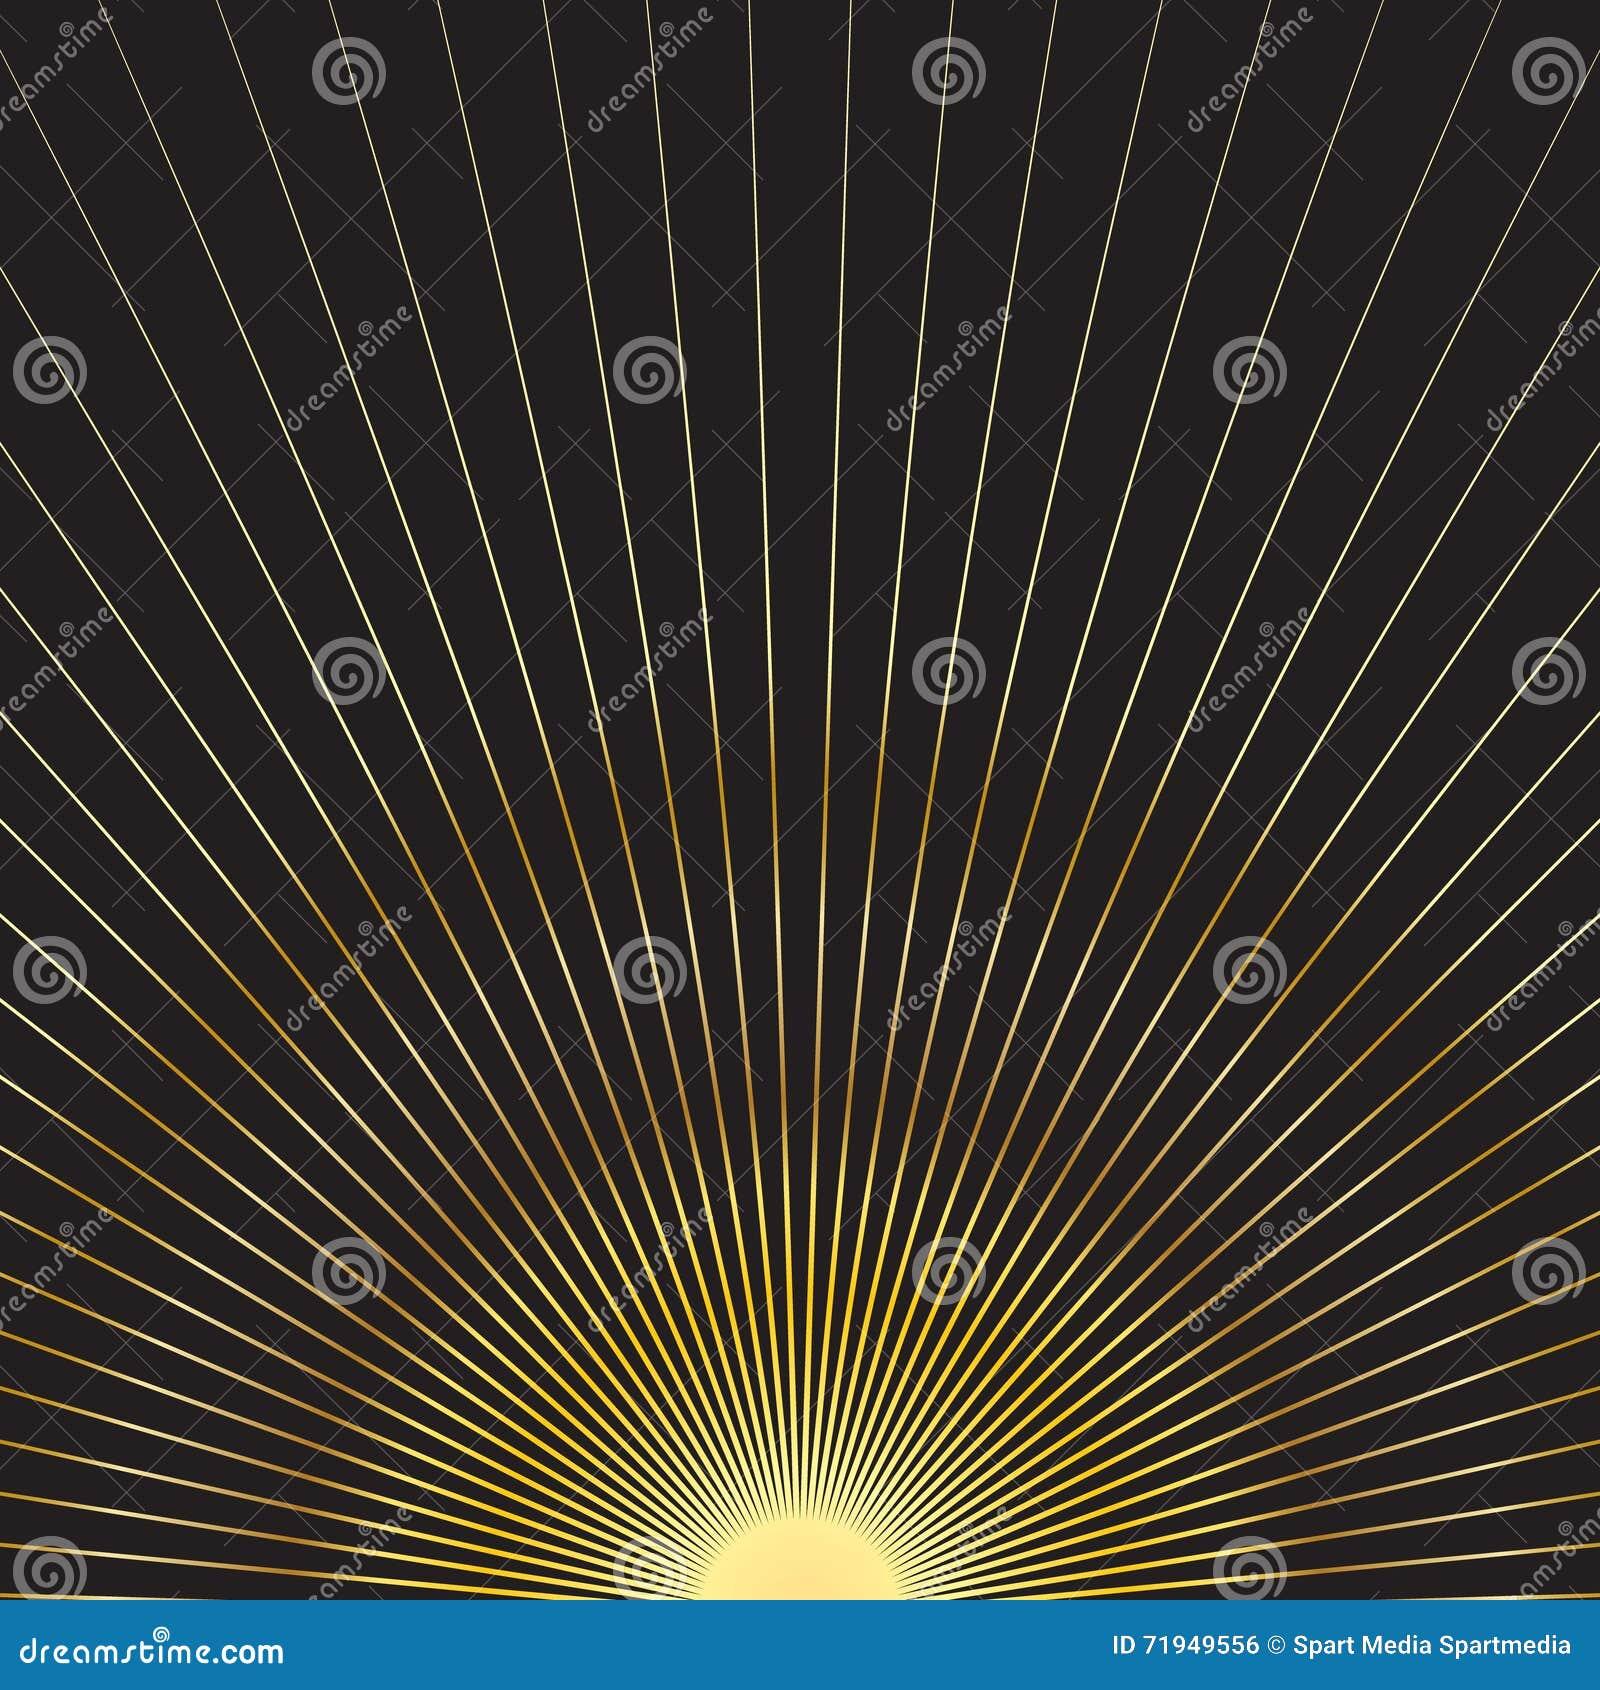 金太阳光芒